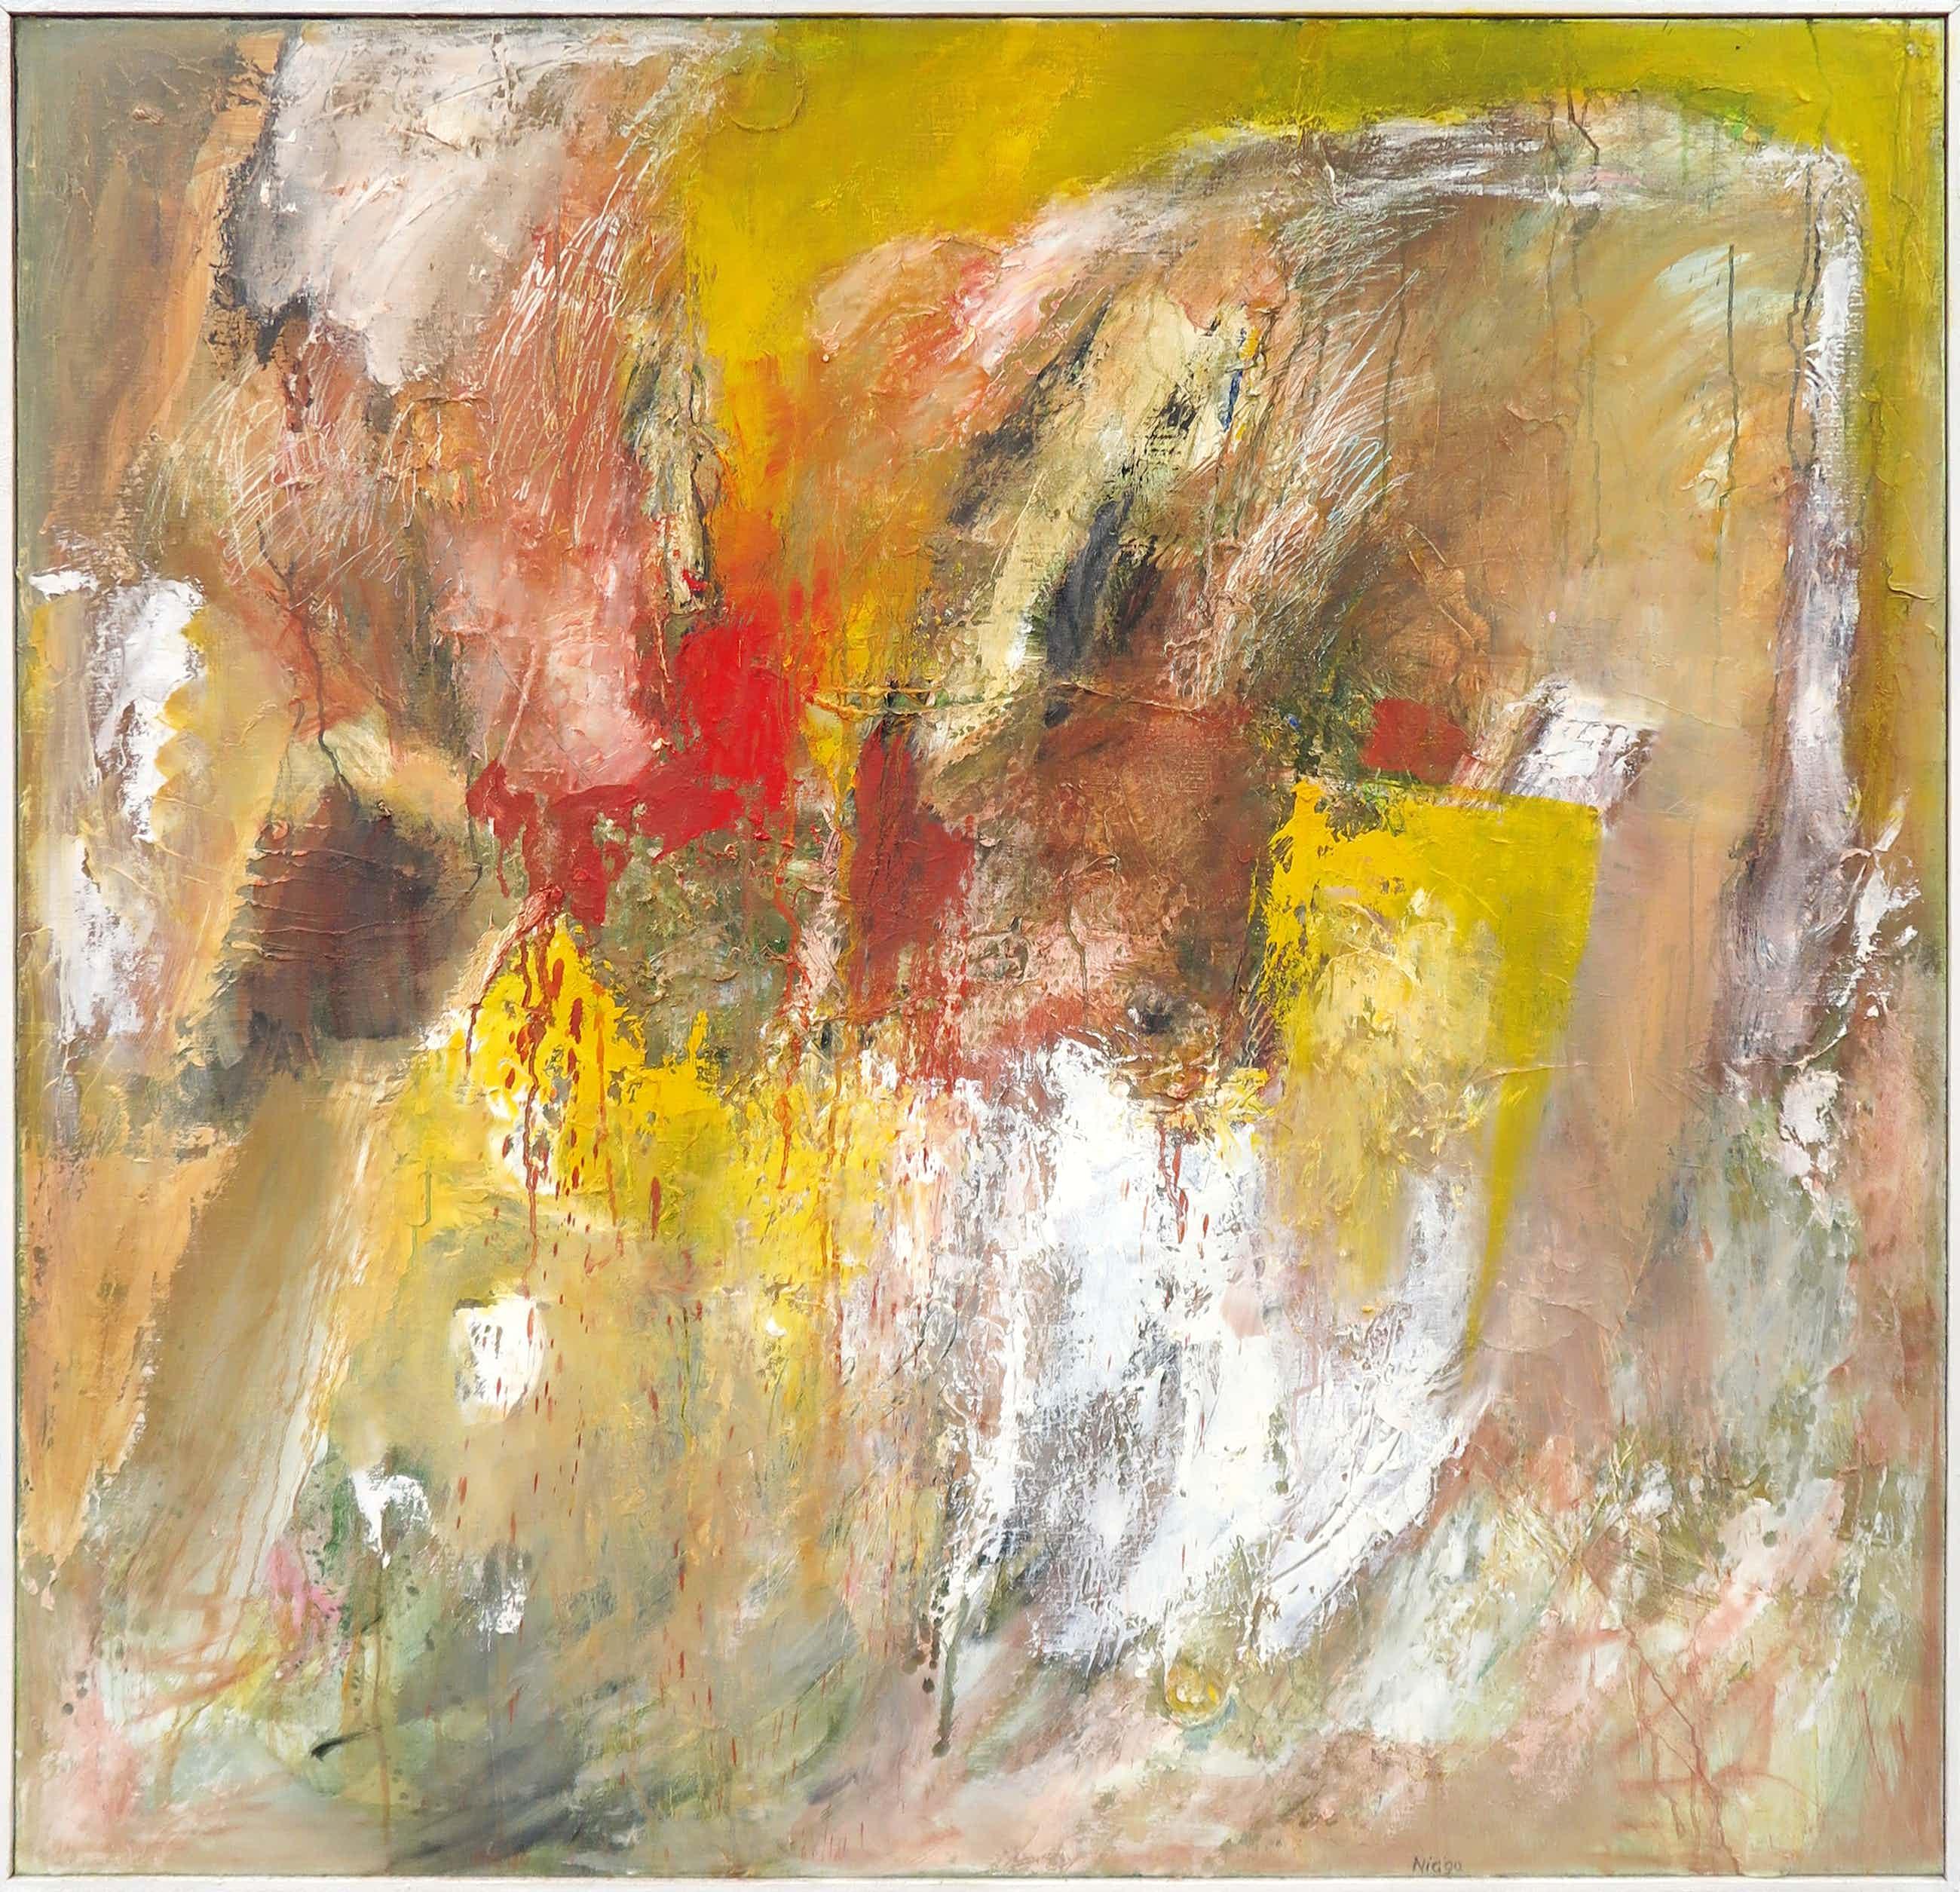 Frans Nicolai - Olieverf op doek, Kleurige abstracte - Ingelijst (Zeer groot) kopen? Bied vanaf 150!